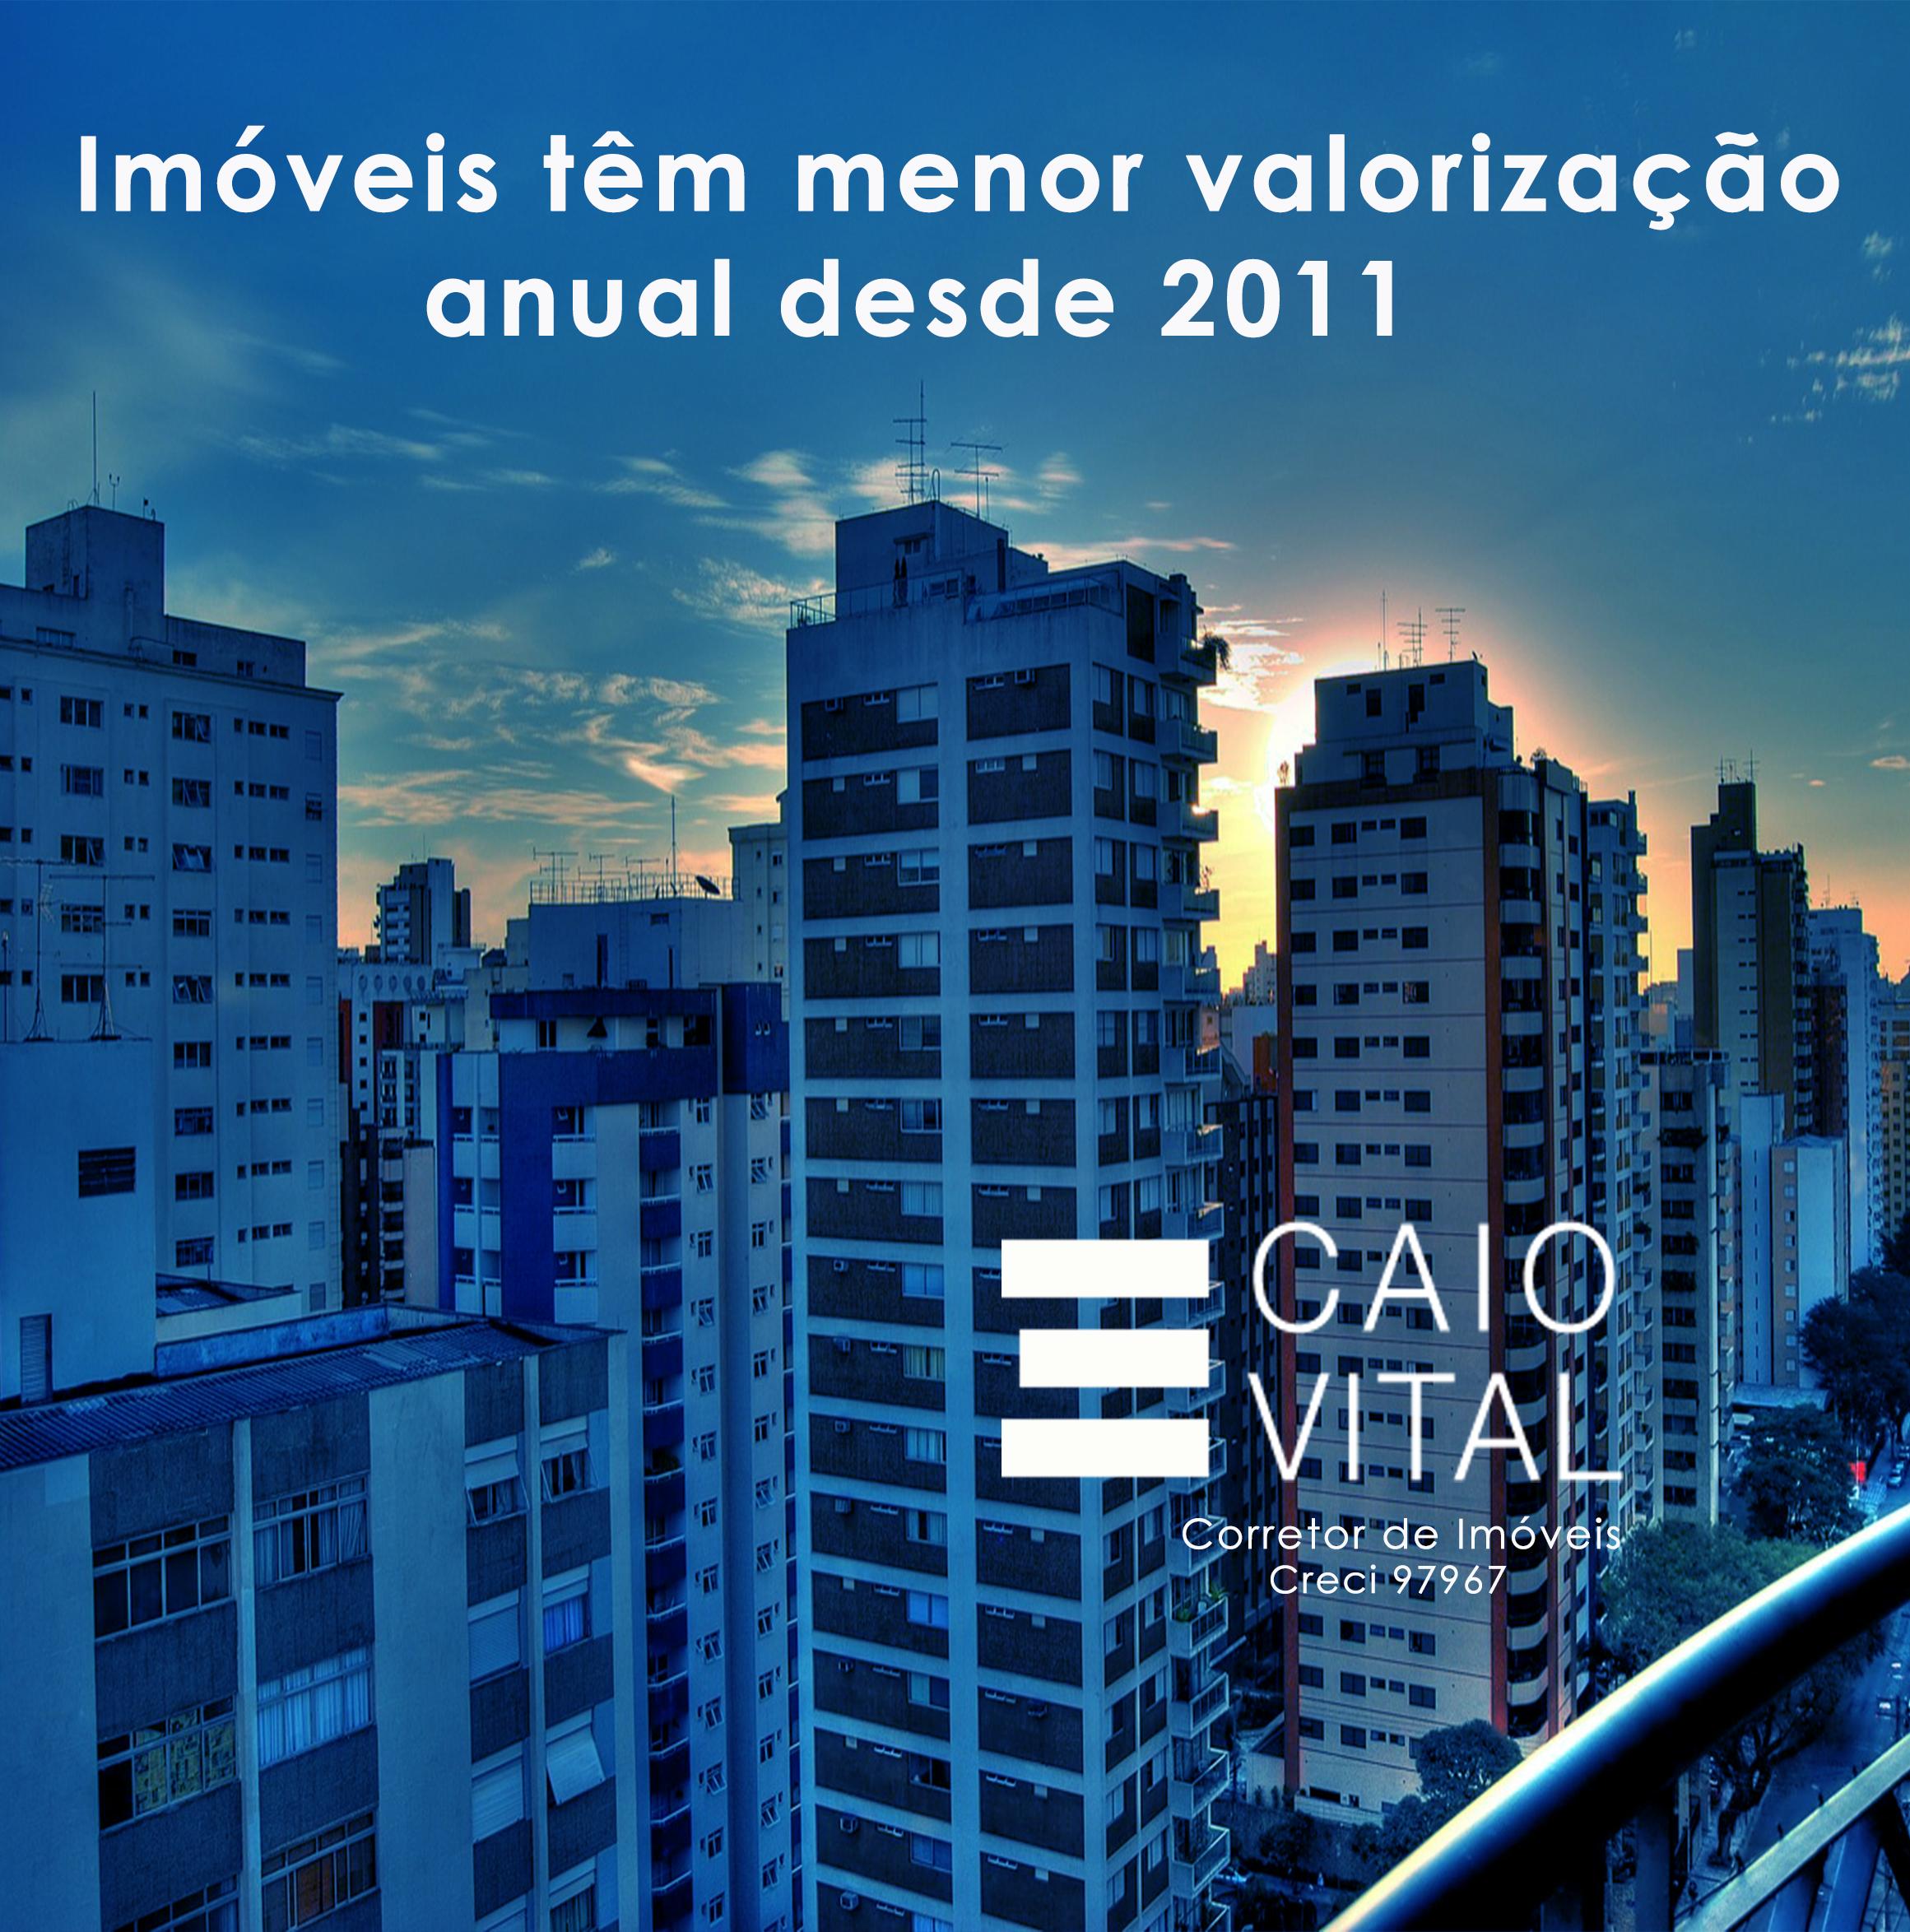 Os preços dos imóveis no Brasil ainda não estão diminuindo como  #071833 2321x2348